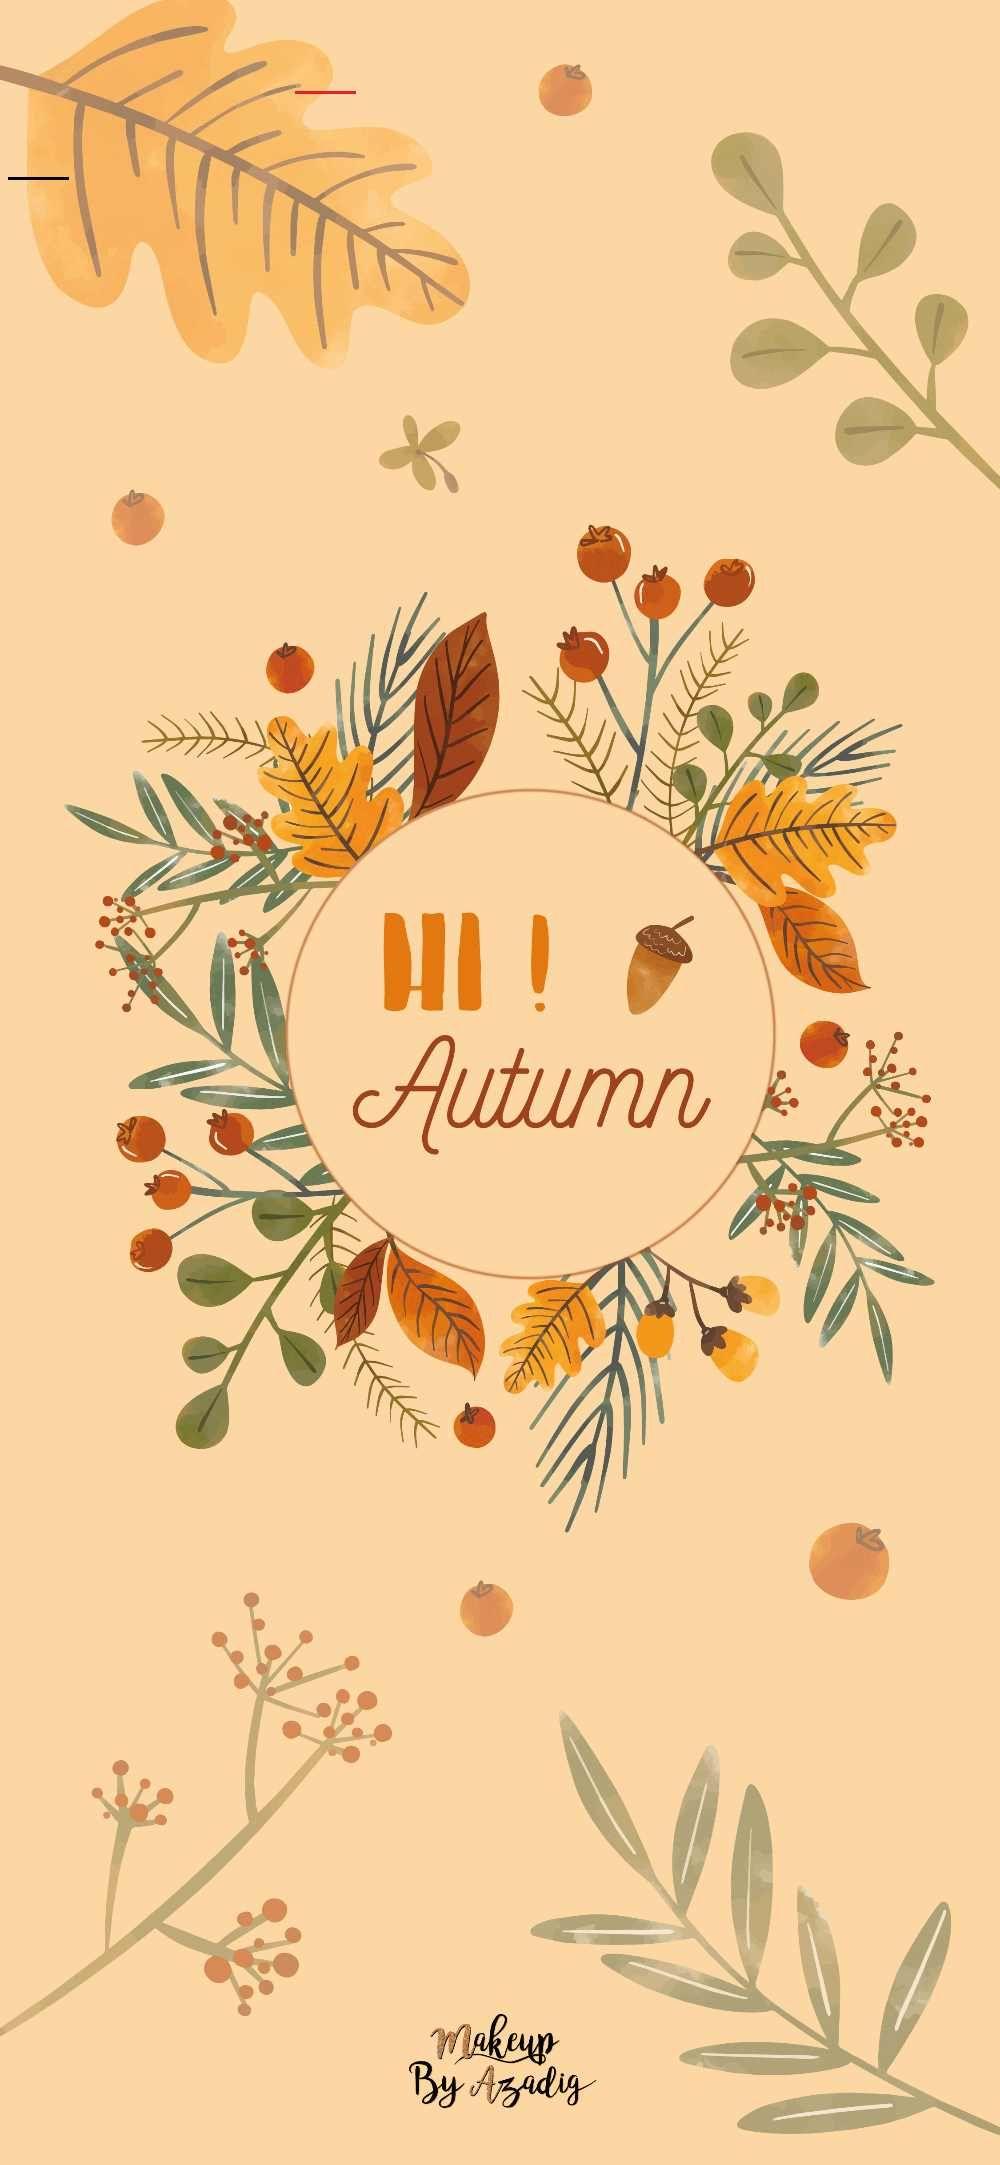 16 Fond D Ecran Hi Autumn Wallpaper Makeupbyazadig Autumnwallpaper Fond D E In 2020 Wallpaper Achtergronden Mobiele Telefoon Achtergronden Achtergronden